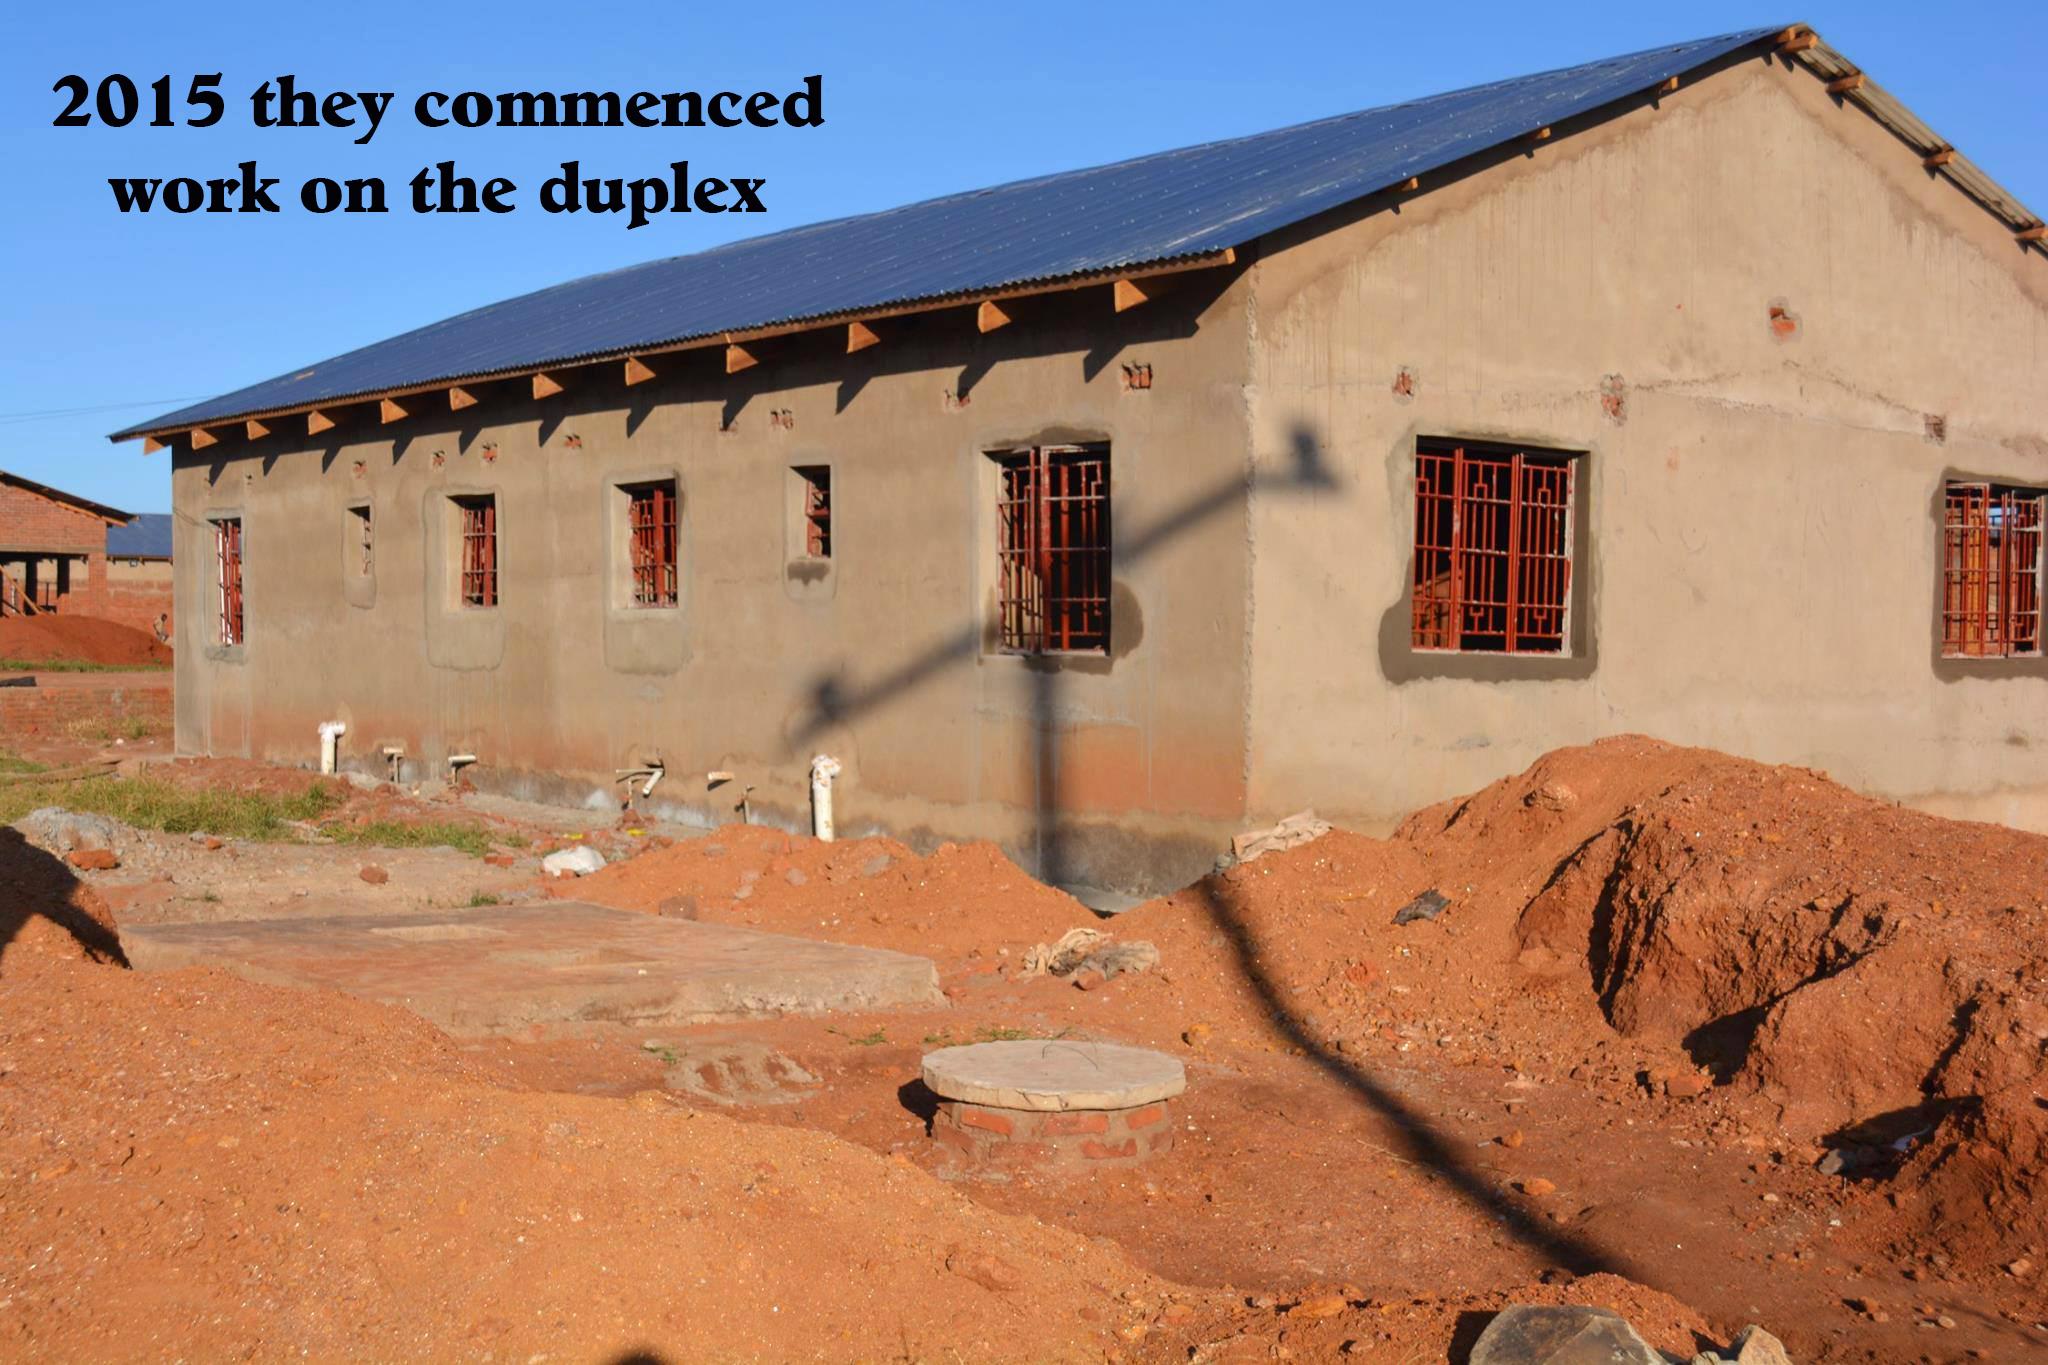 Duplex2